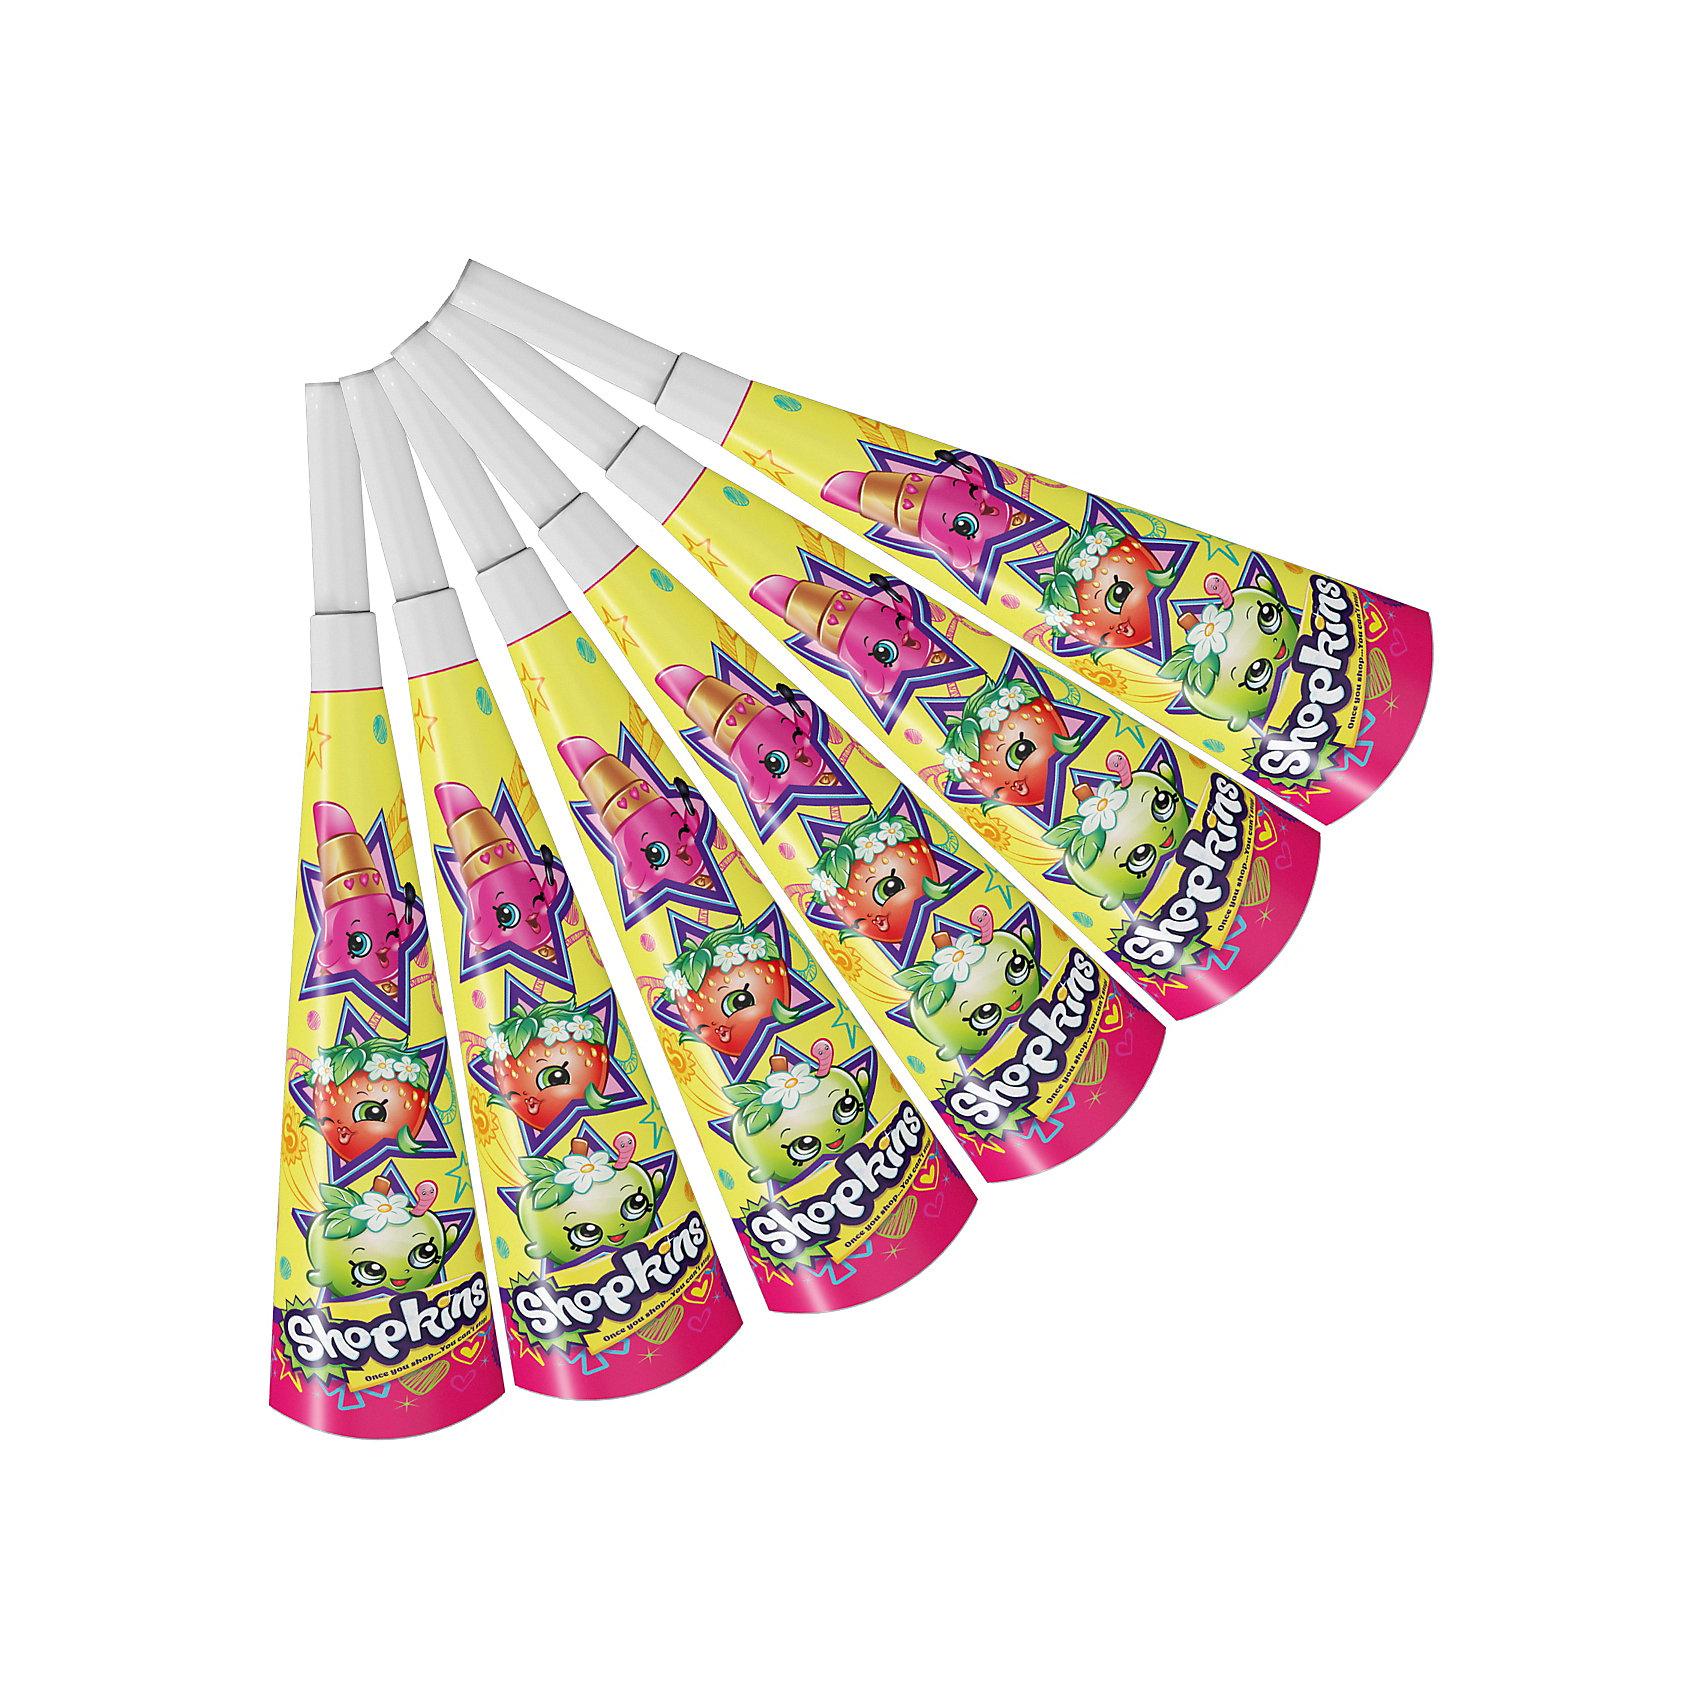 Дудочки  6 шт.,  ShopkinsВсё для праздника<br>Веселые бумажные дудочки с героями мультфильма Шопкинс развеселят ребятишек и помогут устроить множество увлекательных игр. А главное, играя с ними, малыши будут тренировать свою дыхательную систему, что очень полезно для здоровья их растущих организмов.&#13;<br>В наборе Шопкинс 6 бумажных дудочек, декорированных ярким, привлекательным принтом с любимыми героями мультфильма. А чтобы украсить детский праздник в единой стилистике, вы также можете выбрать другие товары для праздника из данной серии.<br><br>Ширина мм: 155<br>Глубина мм: 40<br>Высота мм: 270<br>Вес г: 30<br>Возраст от месяцев: 36<br>Возраст до месяцев: 2147483647<br>Пол: Женский<br>Возраст: Детский<br>SKU: 6912279